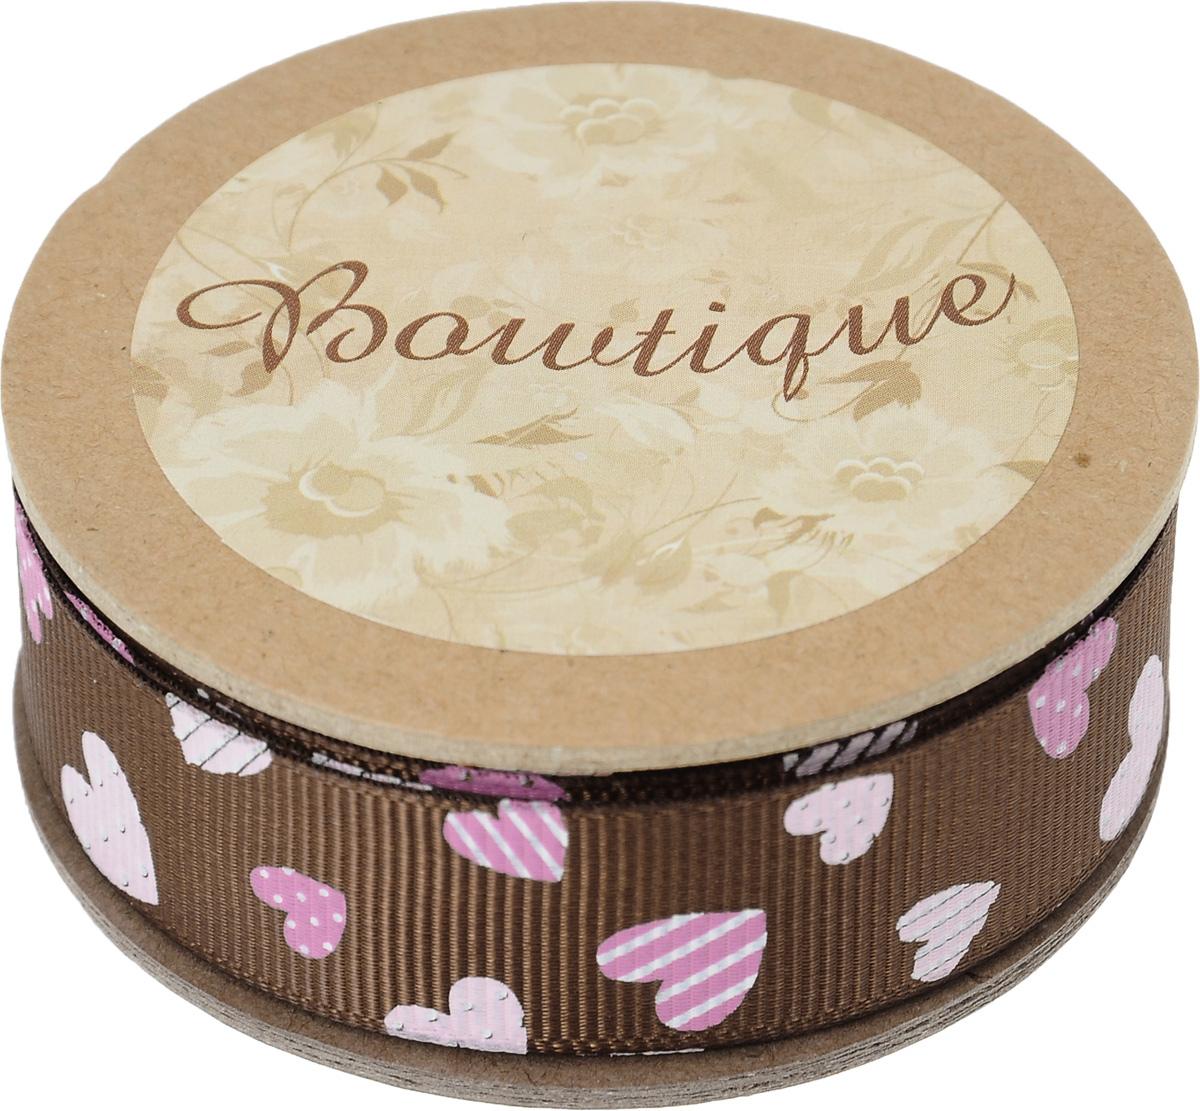 Лента репсовая Hemline Сердечки, цвет: шоколадный, розовый, 2 х 500 см09840-20.000.00Лента на картонной катушке Hemline Сердечки выполнена из полиэстера, она жесткая и хорошо держит форму. Такая лента идеально подойдет для оформления различных творческих работ, может использоваться для скрапбукинга, создания аппликаций, декора коробок и открыток, часто ее применяют при пошиве одежды, сумок, аксессуаров. Лента наивысшего качества практична в использовании. Она станет незаменимым элементом в создании вашего рукотворного шедевра.